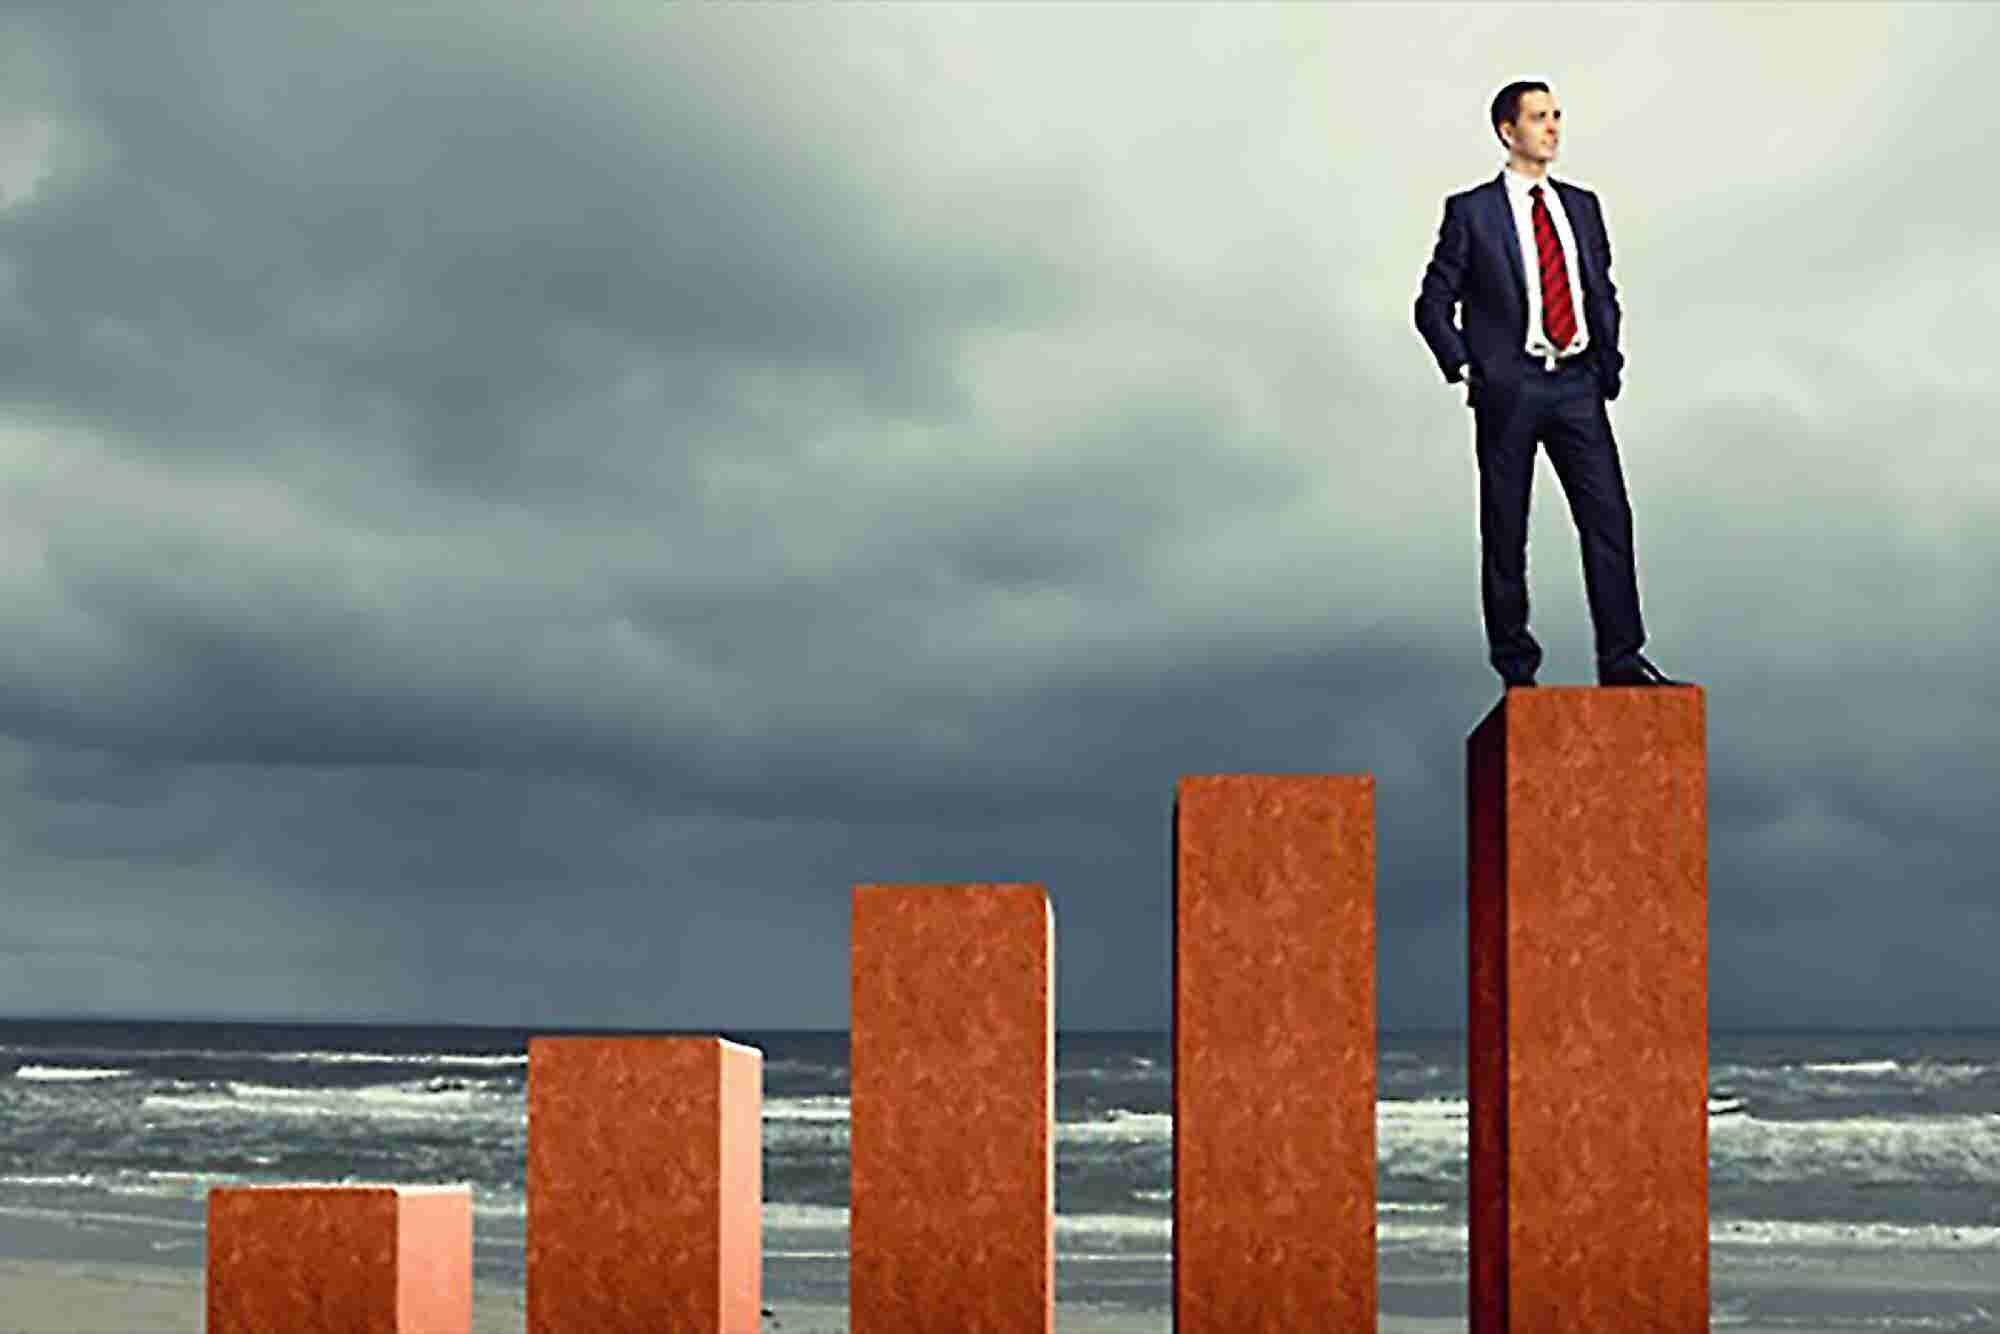 Thinking beyond entrepreneurship: Inspire, Inform, Innovate